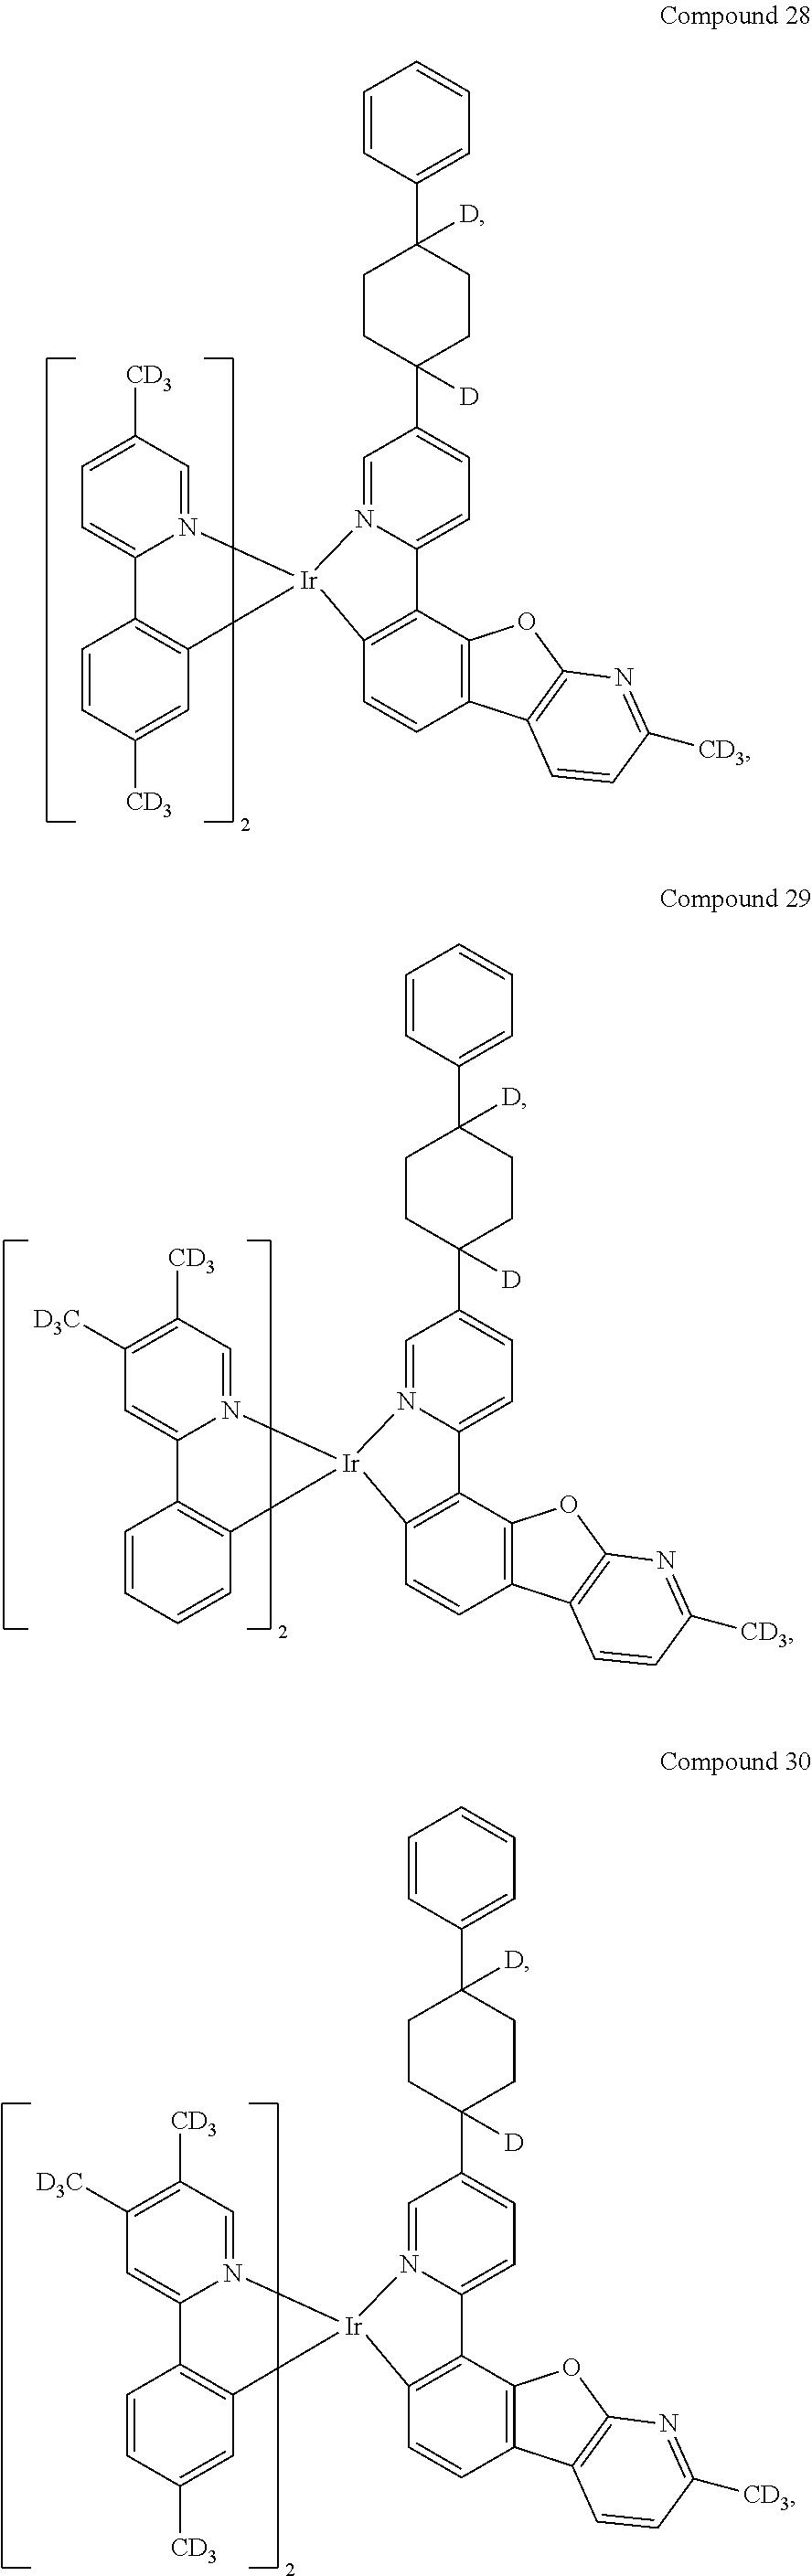 Figure US20180076393A1-20180315-C00163